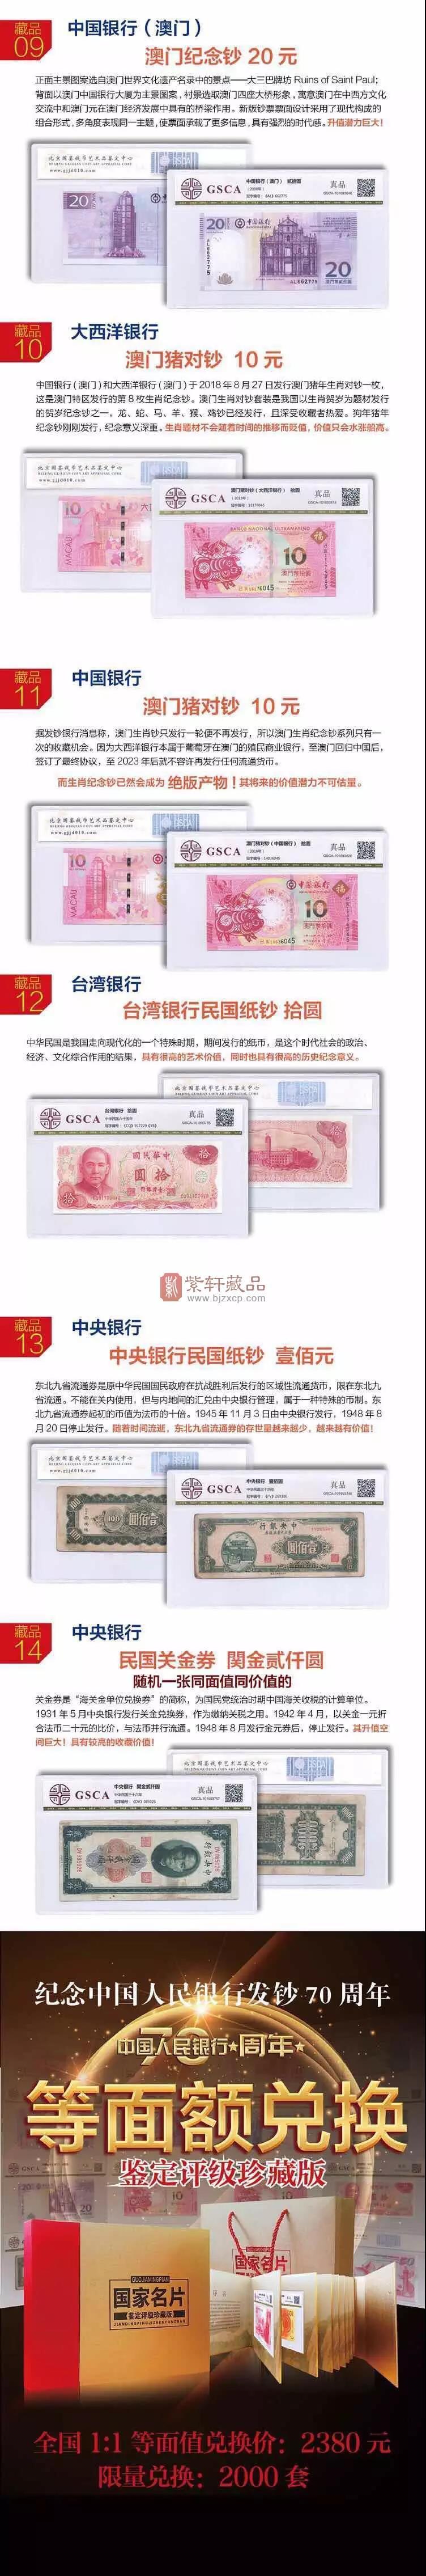 《国家名片》鉴定评级珍藏版  九大行纪念钞  1:1等面额兑换